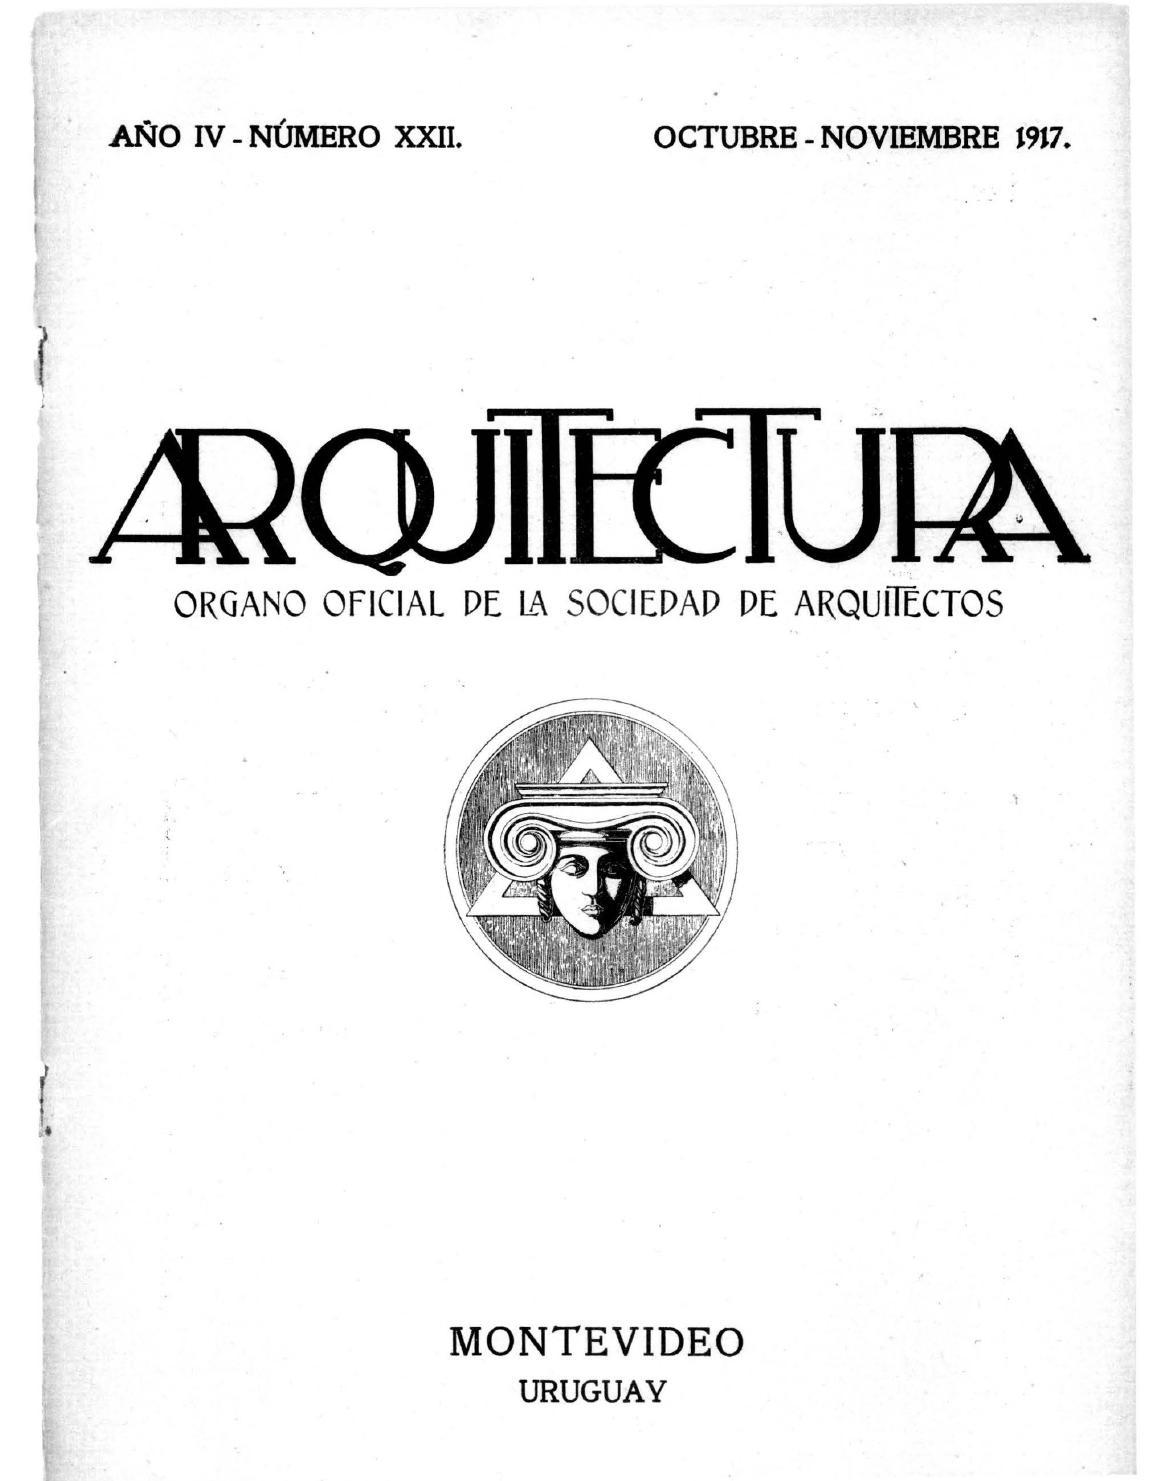 Arquitectura 22 1917 by sociedad de arquitectos del uruguay sau issuu - Sociedad de arquitectos ...